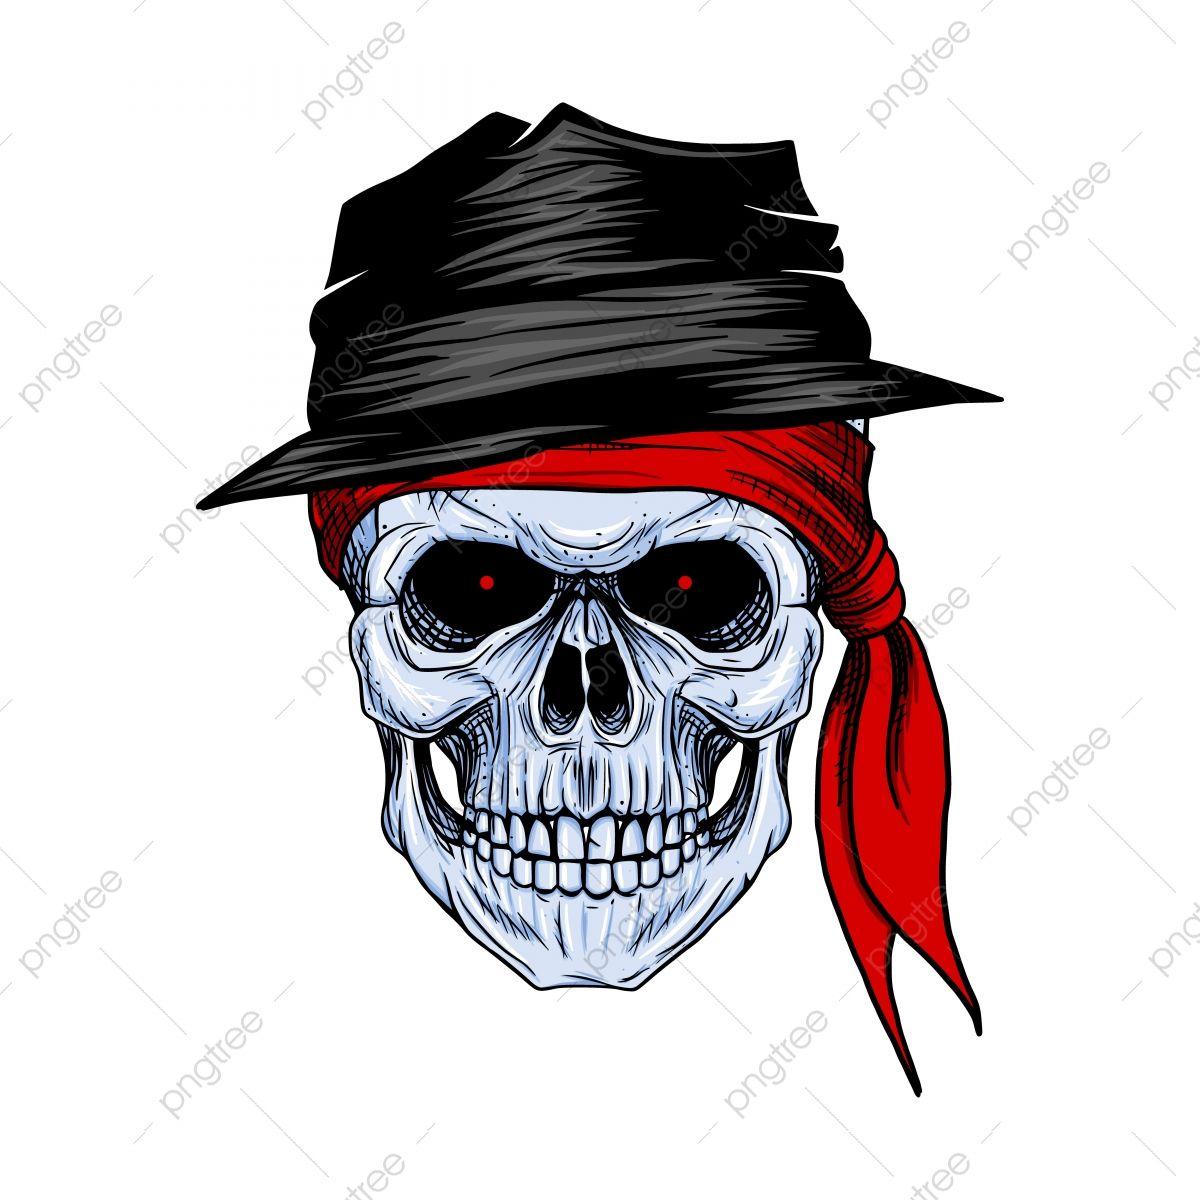 Bandido De Caveira Com Bandana Vermelha E Chapeu Mao Desenho Cranio Americano Anatomia Arte Imagem Png E Vetor Para Download Gratuito Dessins Sur Les Mains Image Clipart Bandana Rouge